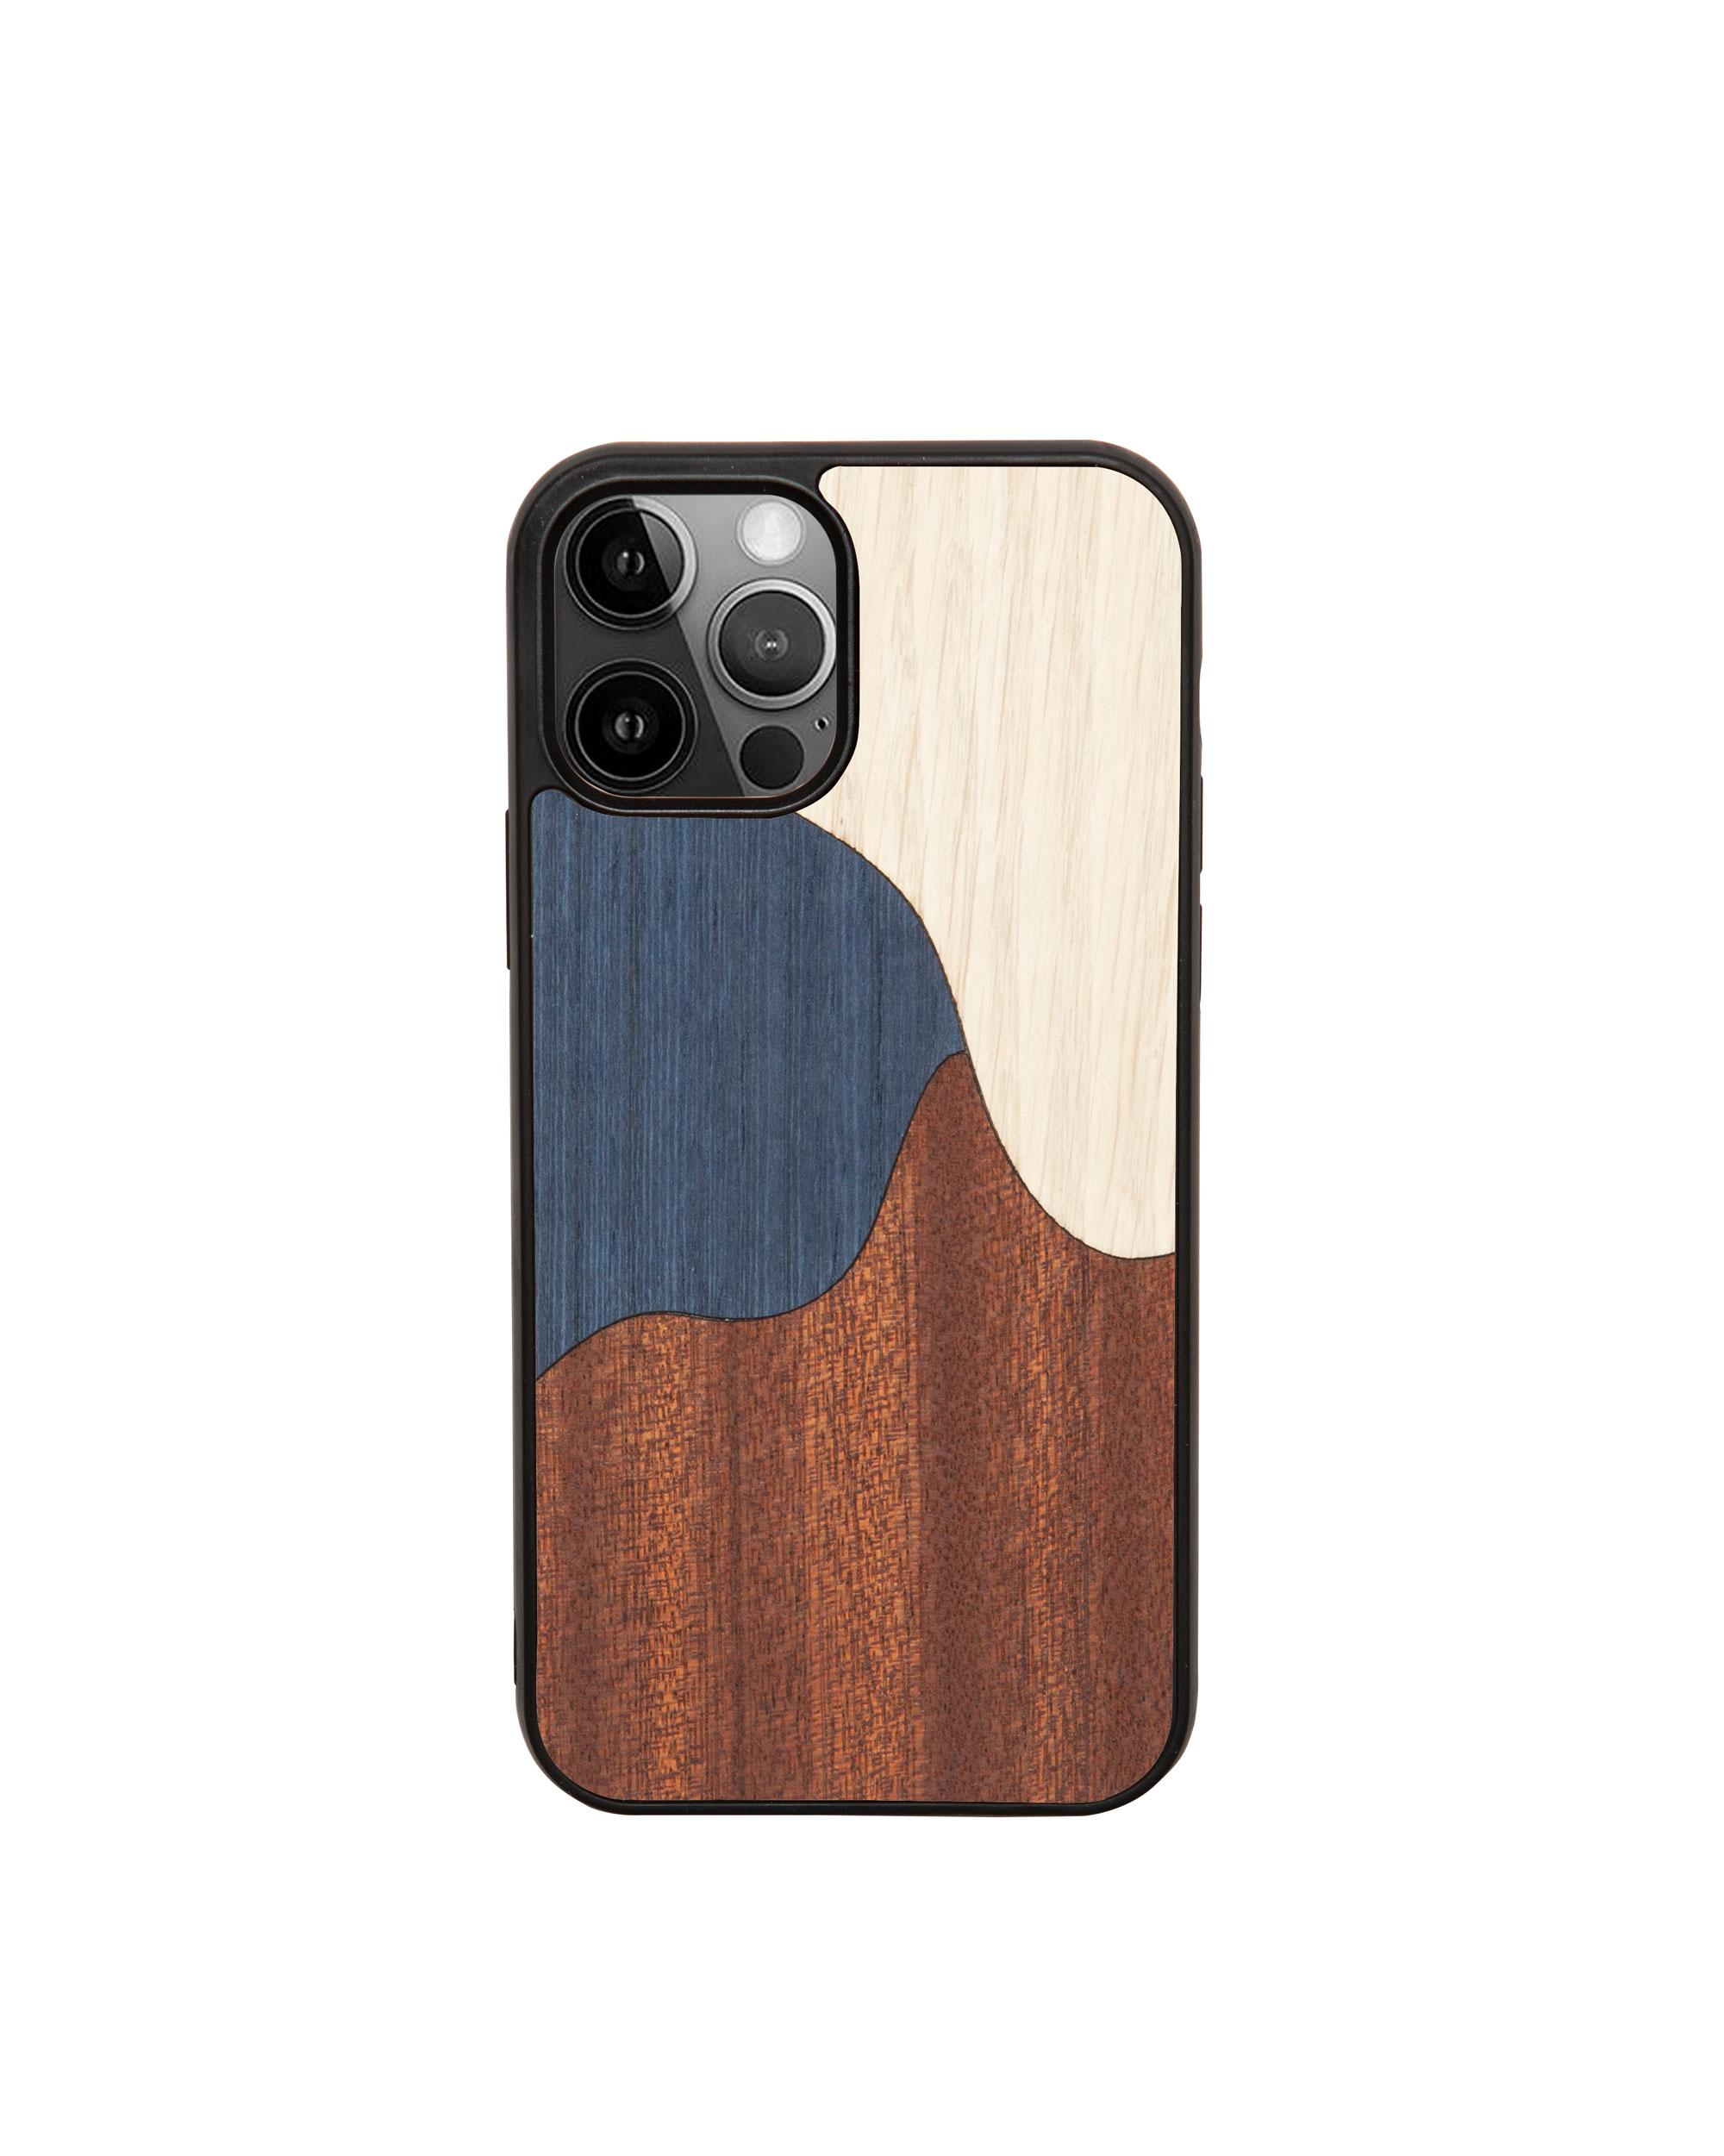 INLAY BLUE - Coque en bois pour iPhone 12/12 pro